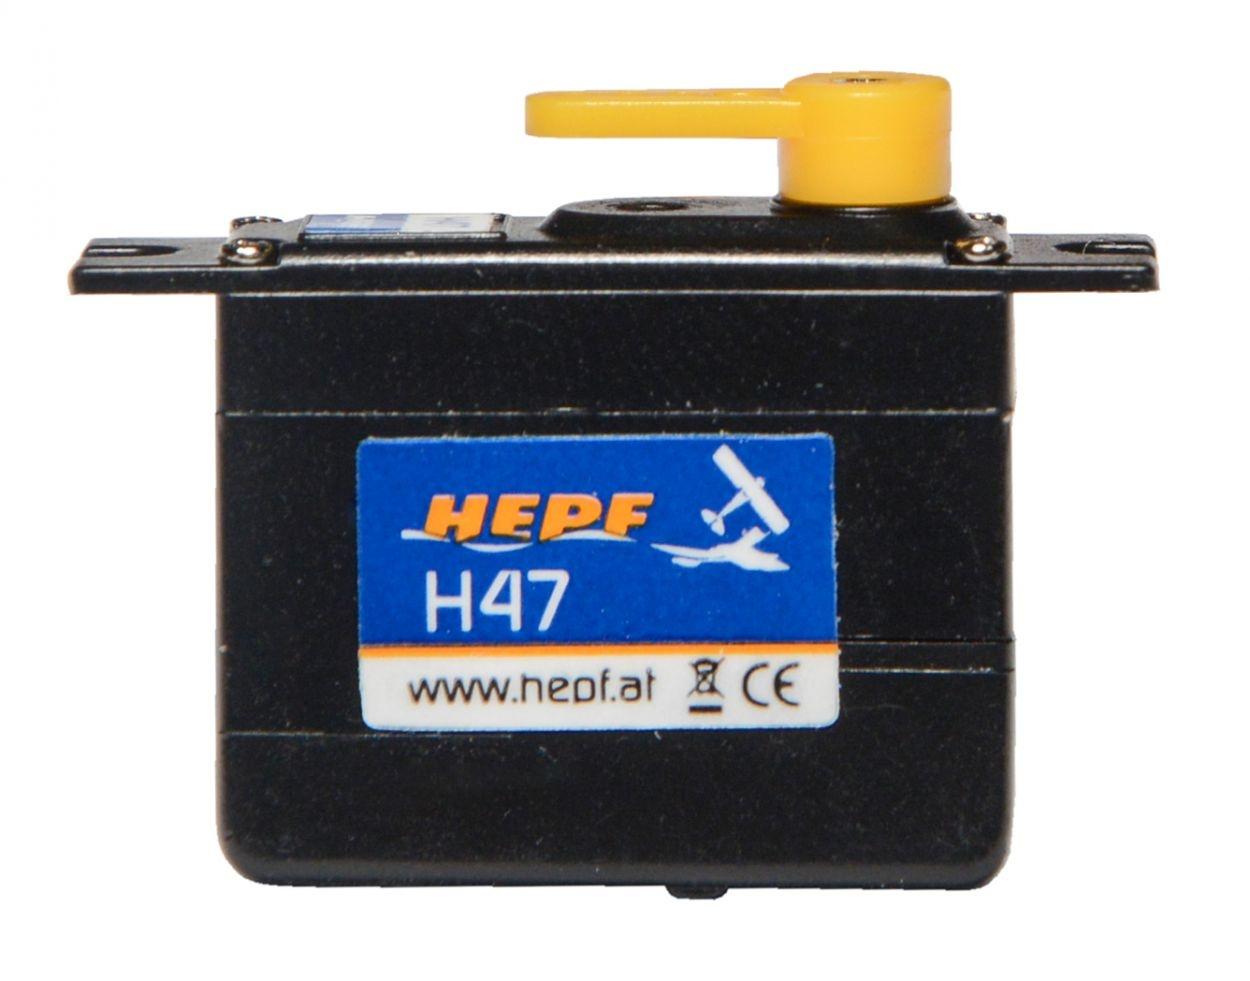 Jeti / Hepf